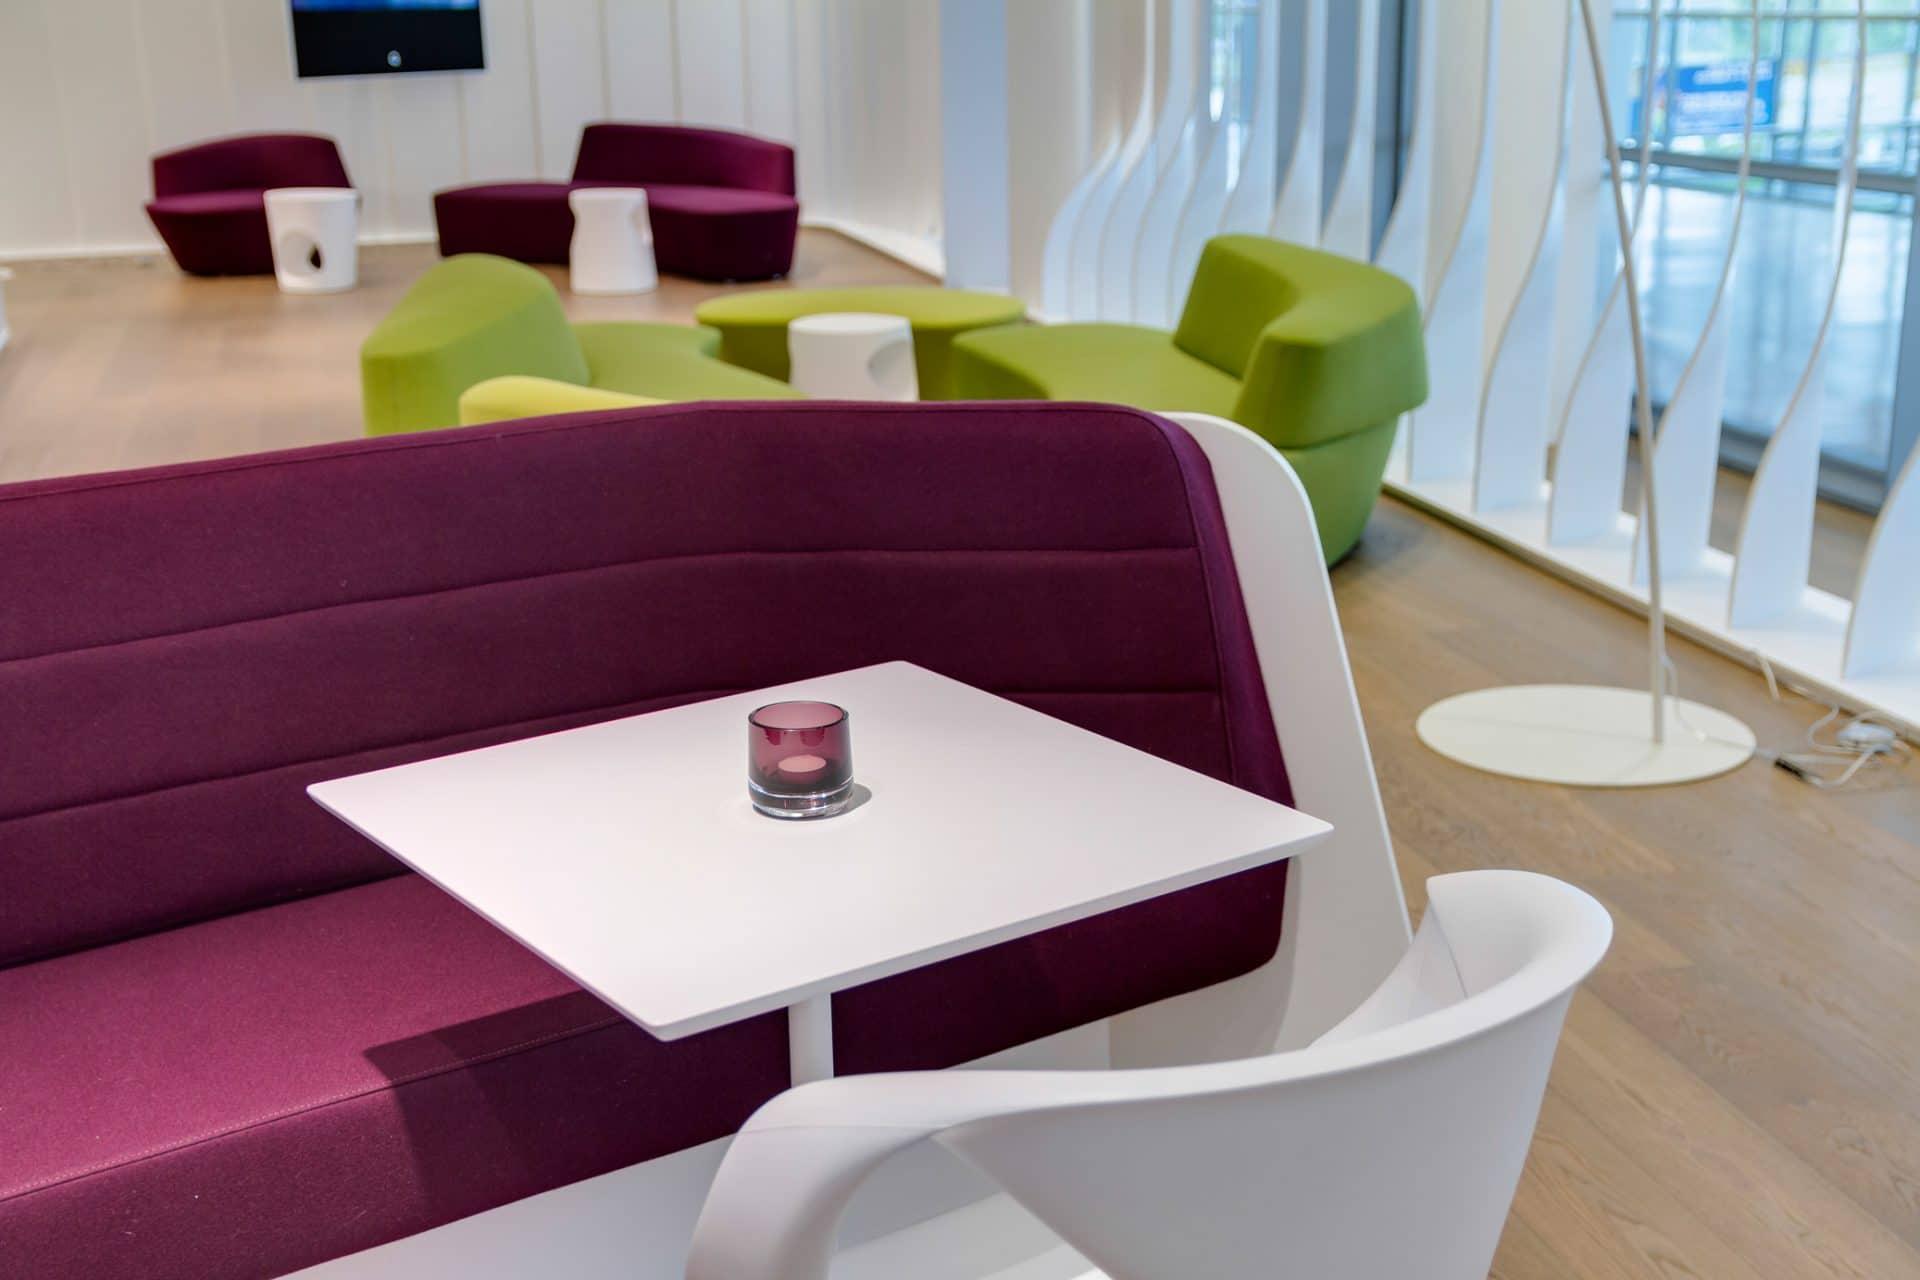 Bavaria Lounge in der Messe München, grüne und lila Sitzmöbel mit weißen Beistelltischen